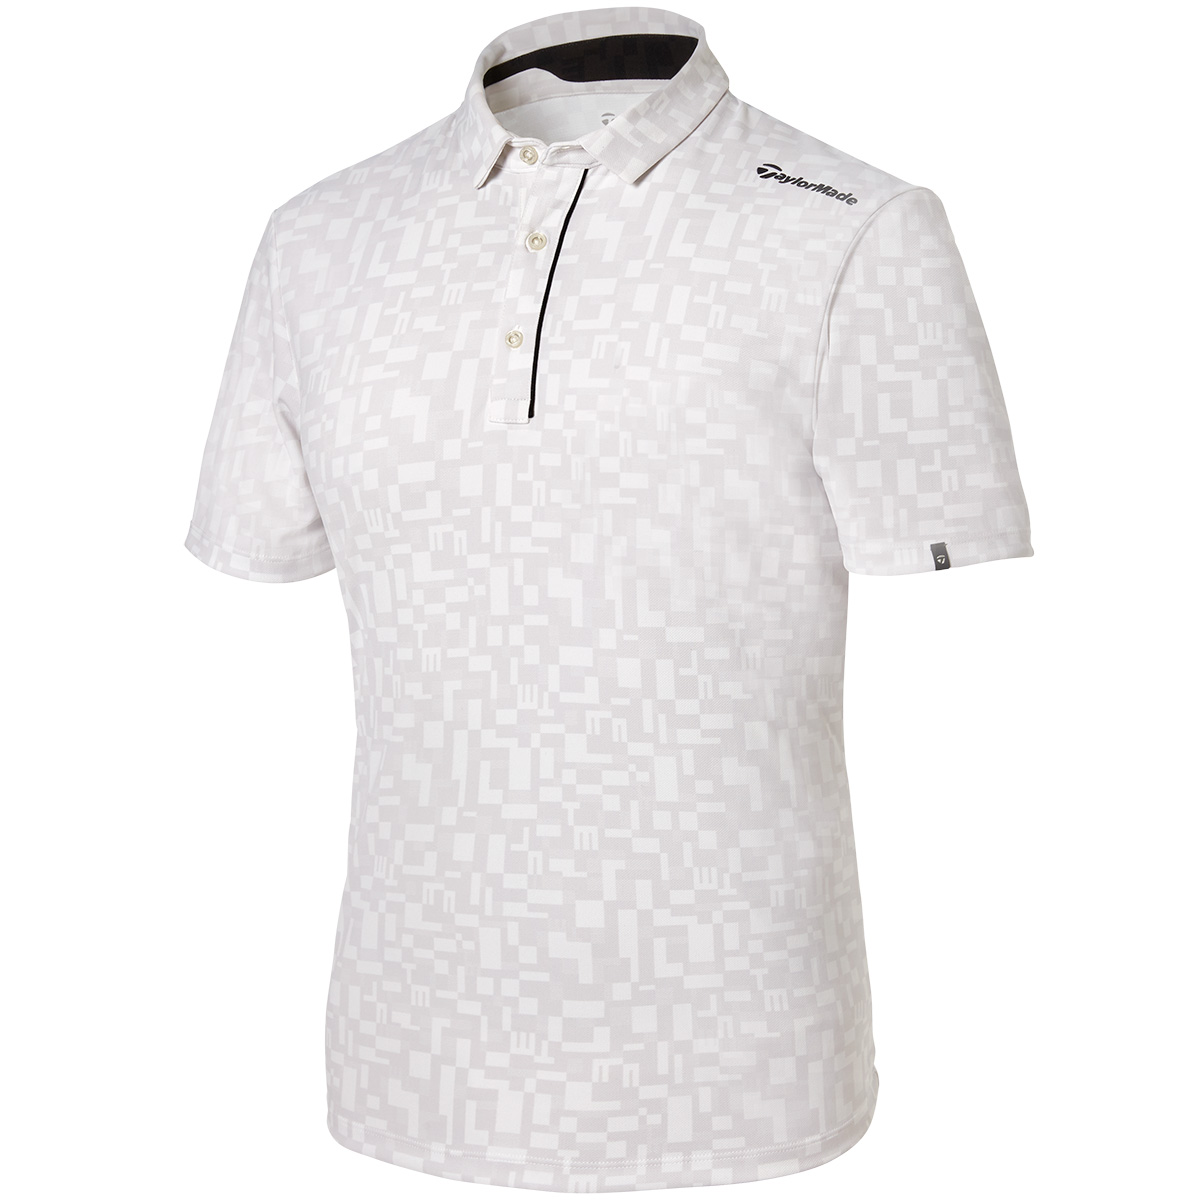 オールオーバーグラフィック 半袖ポロシャツ